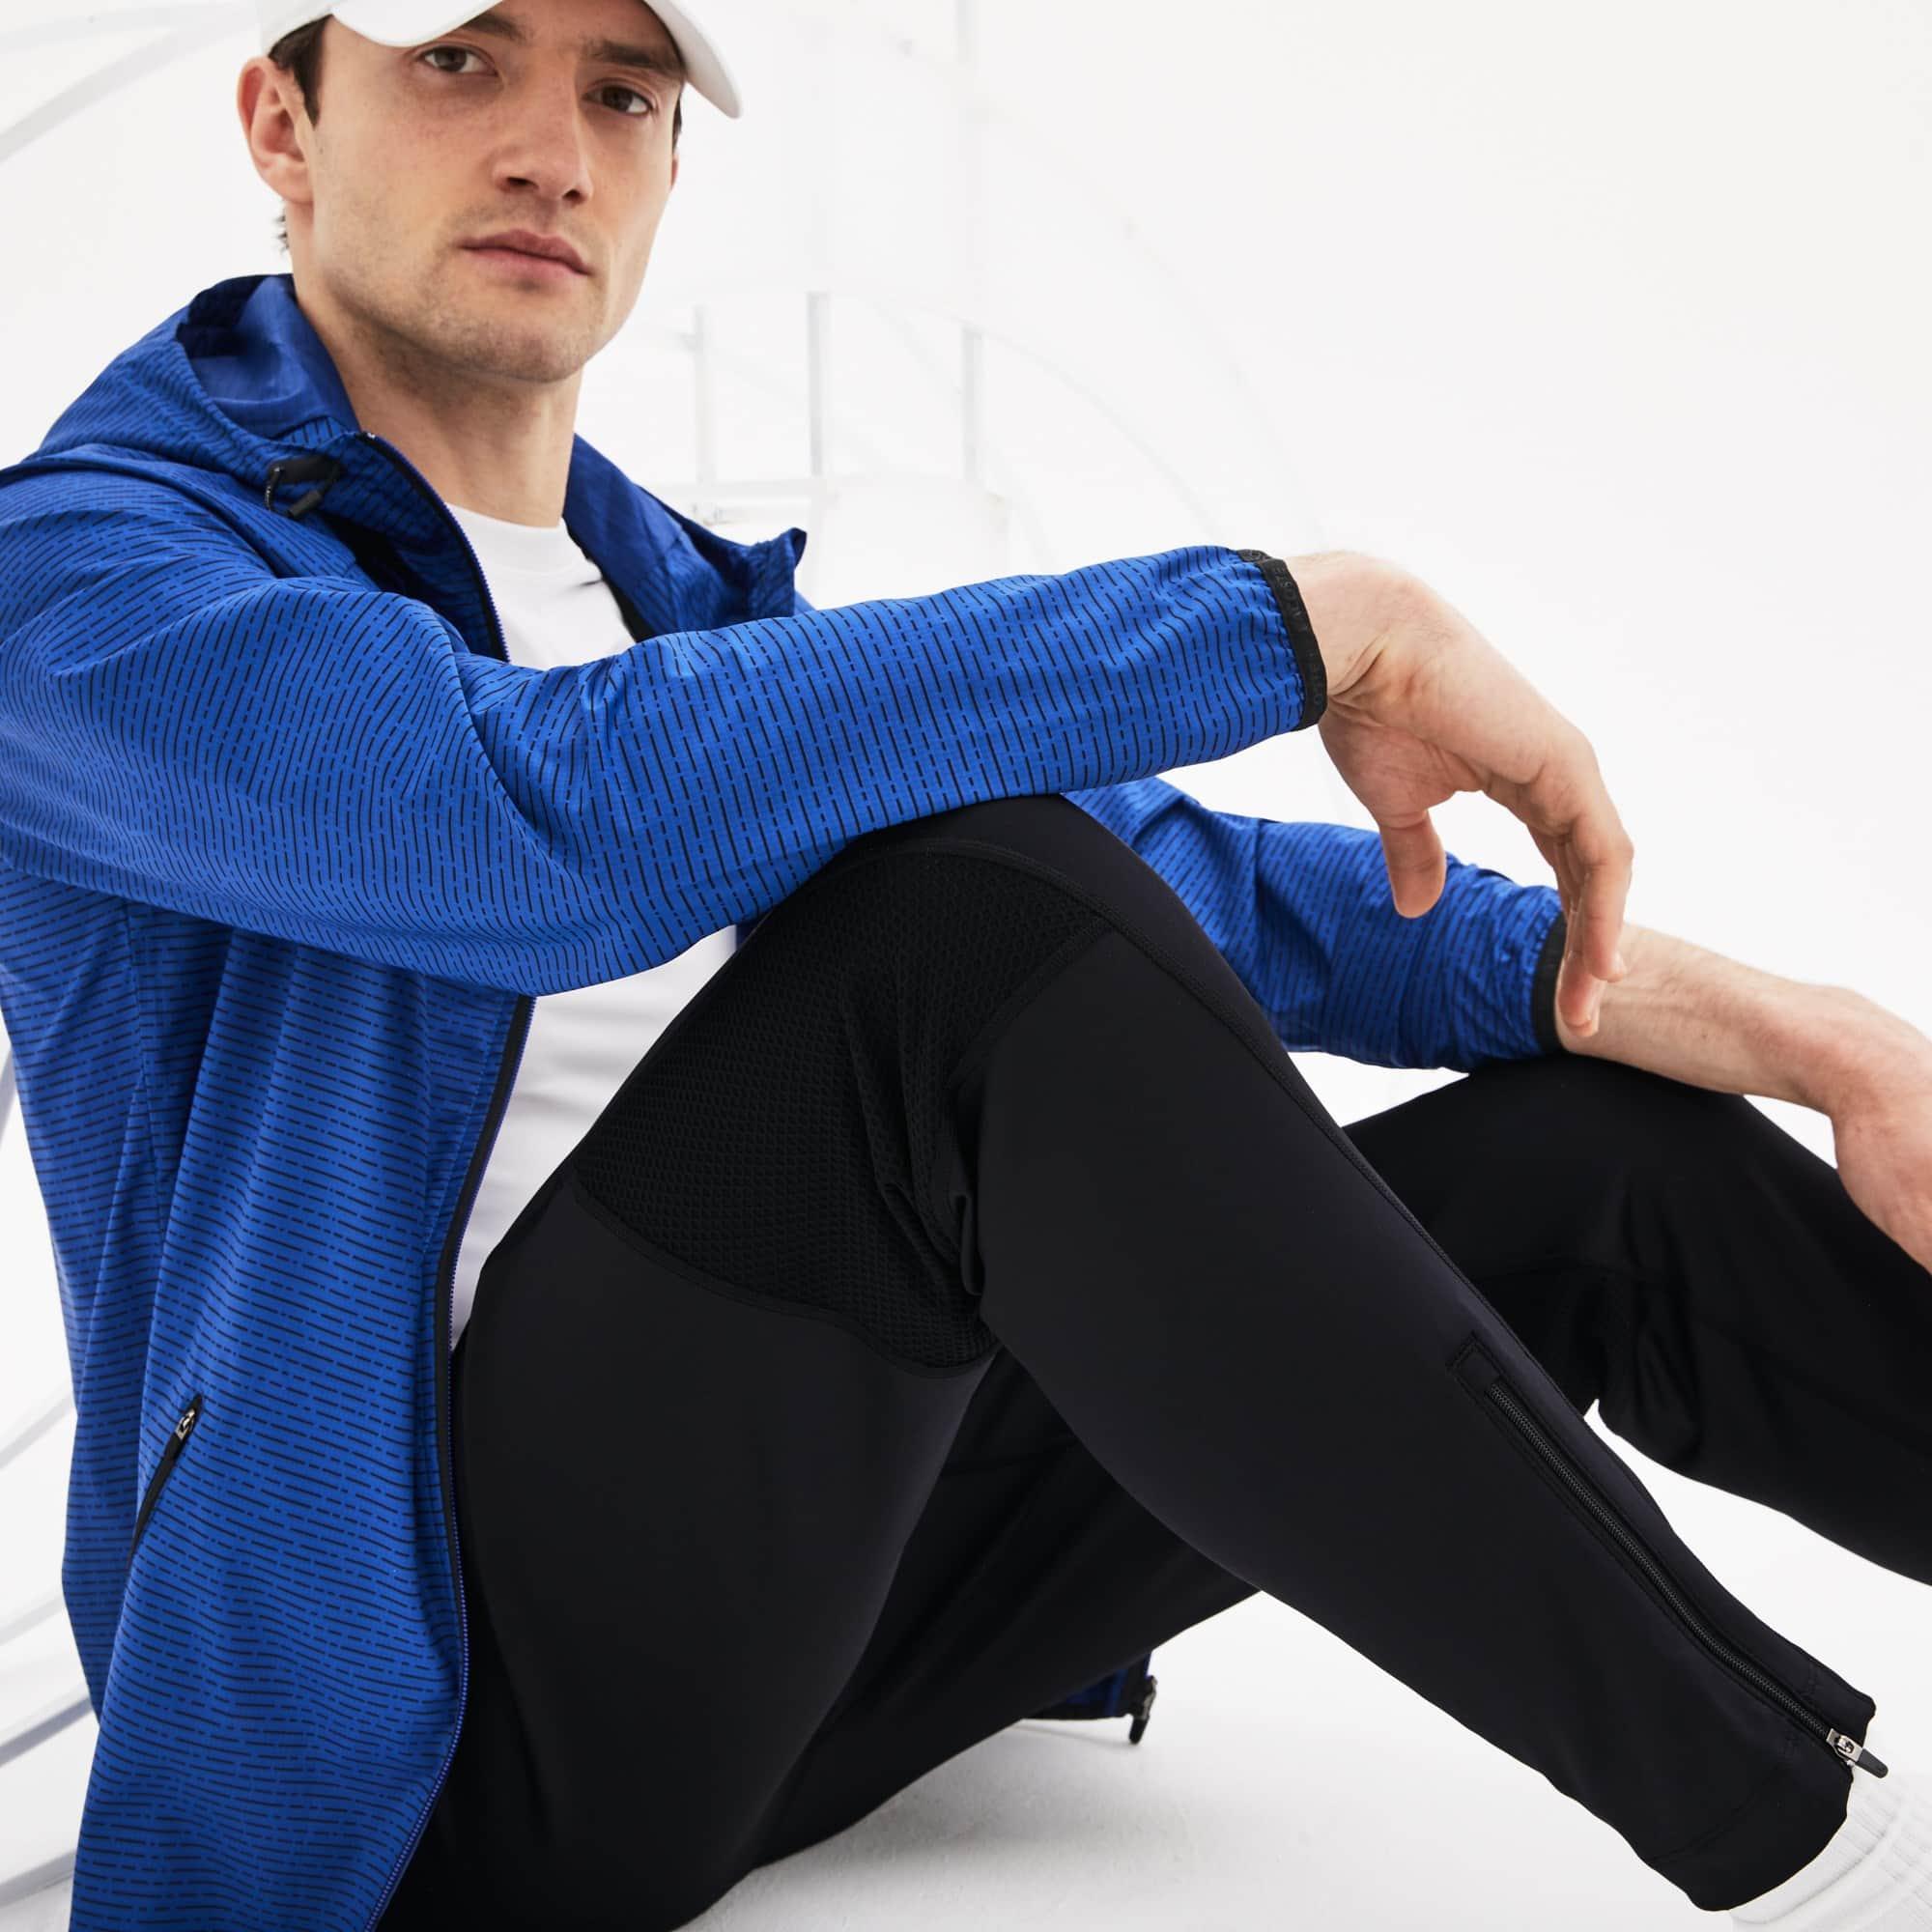 Pantalone tuta Tennis Lacoste SPORT in jersey tecnico sempre asciutto